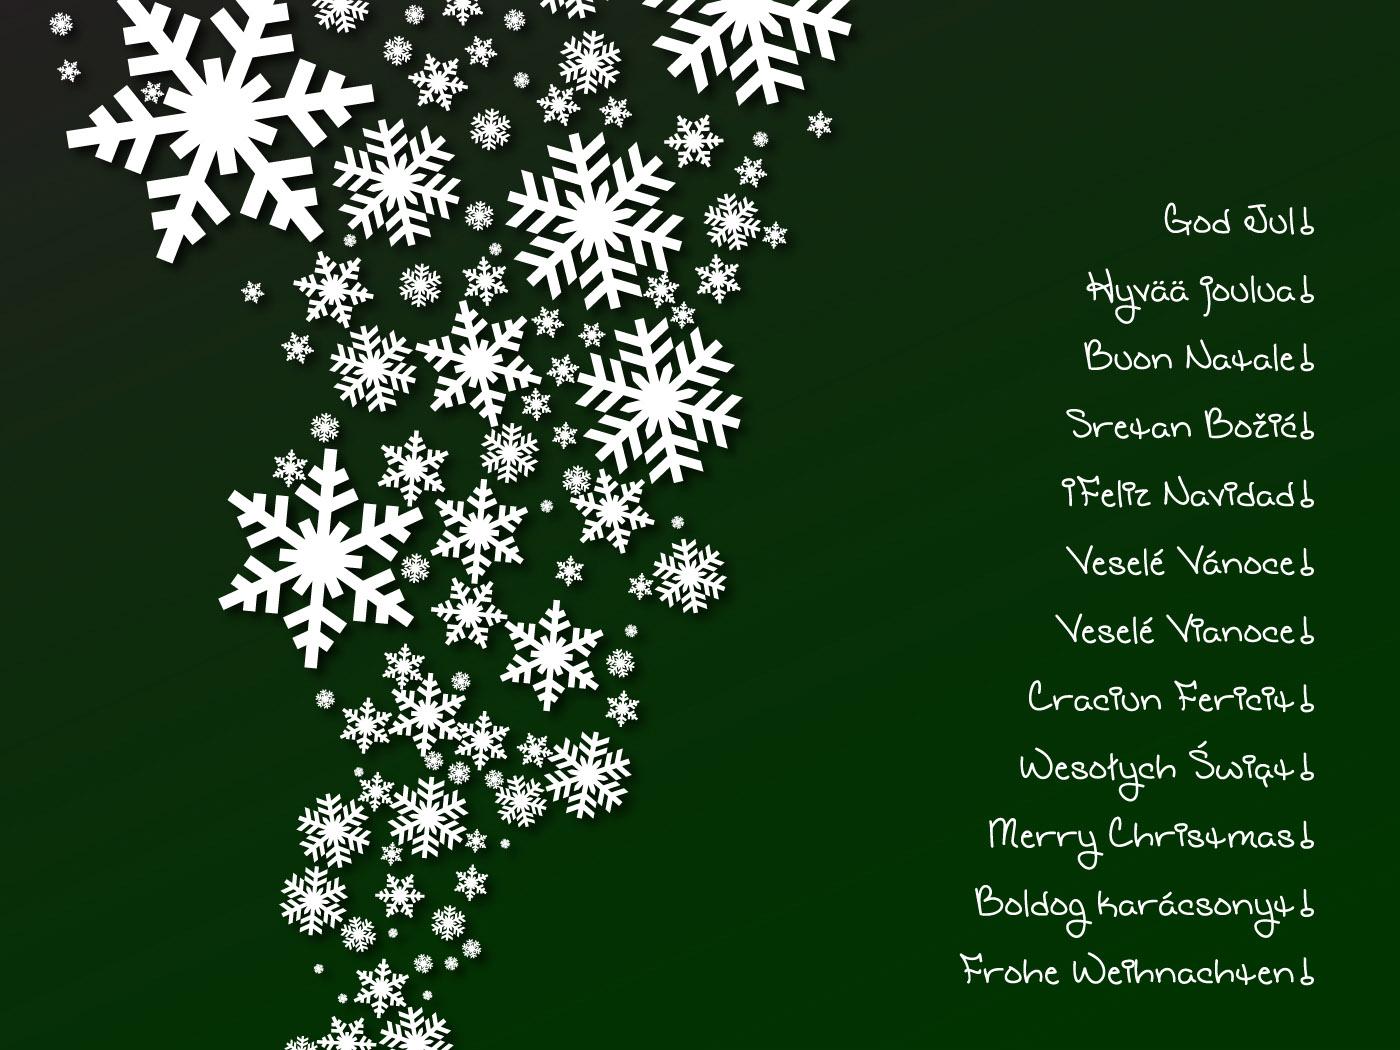 Weihnachtsgrüße Gratis.Frohe Weihnachten Merry Christmas Hintergrundbilder Für Weihnachten